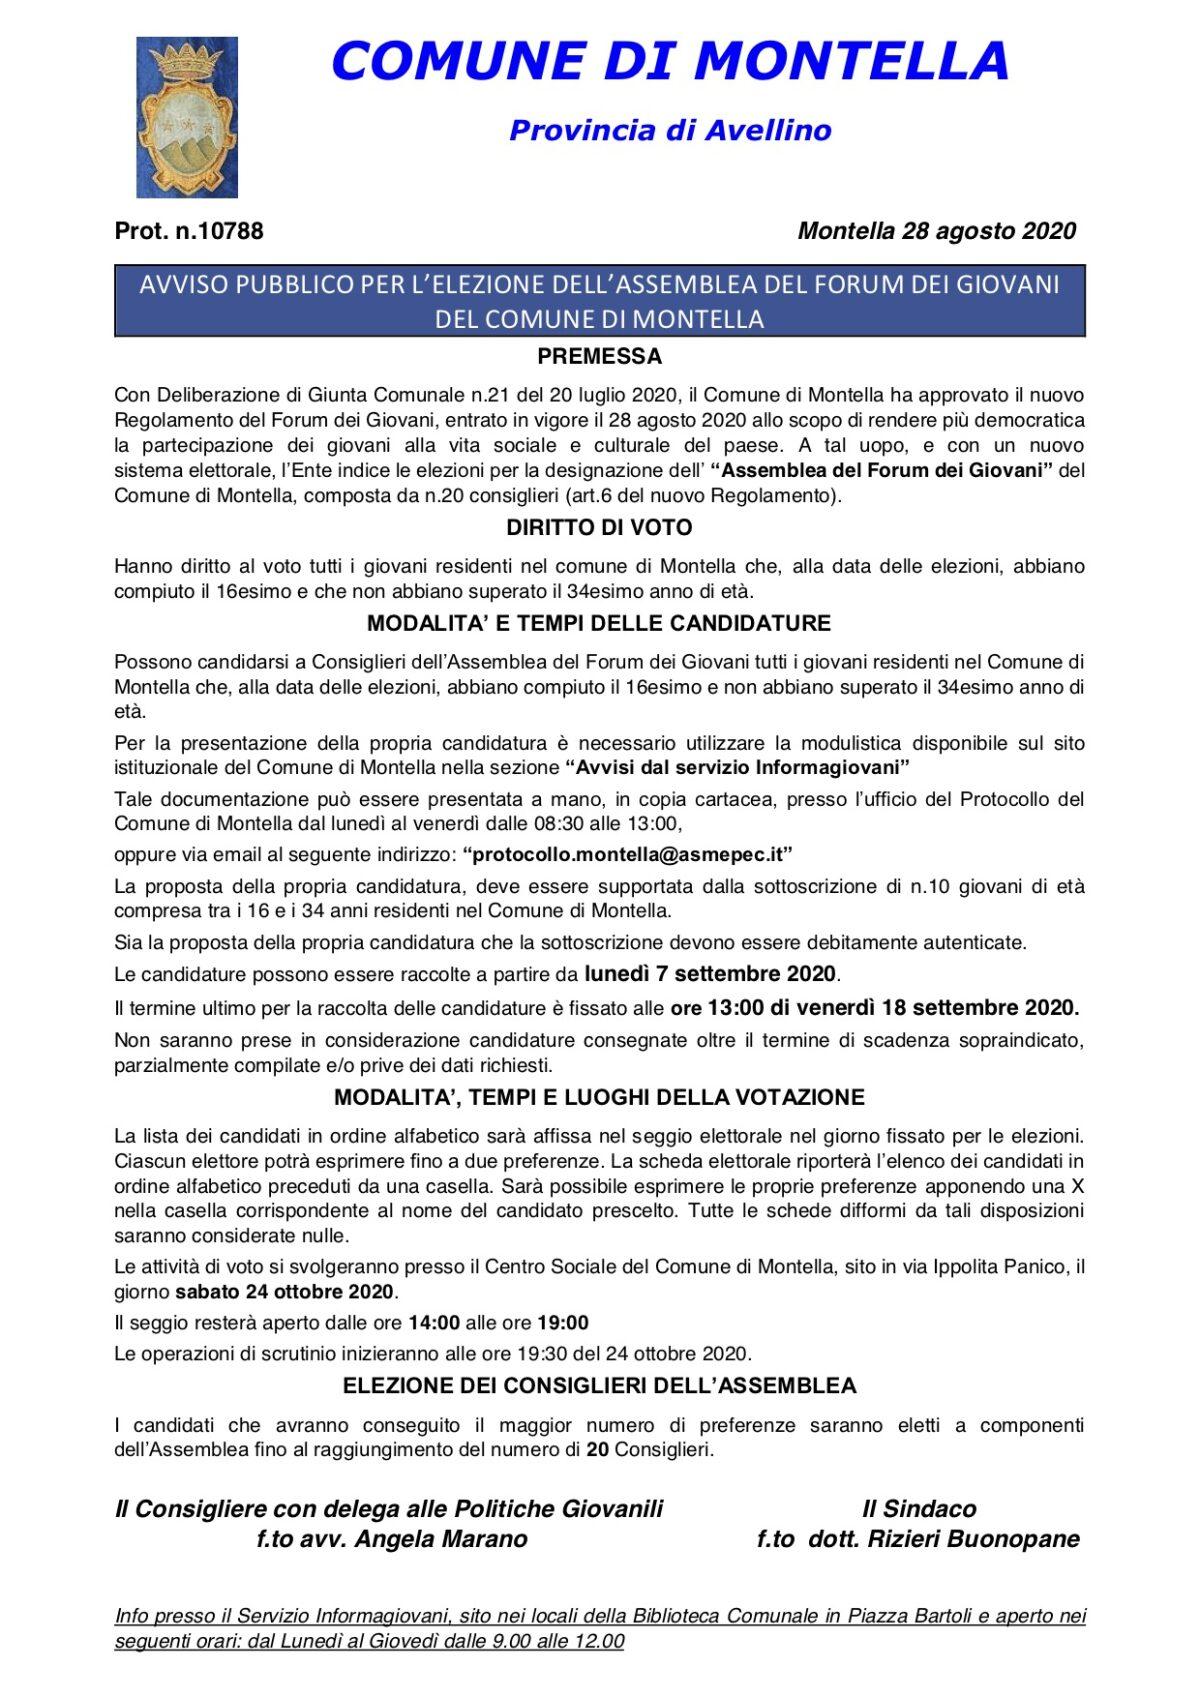 ELEZIONI DELL'ASSEMBLEA DEL FORUM DEI GIOVANI